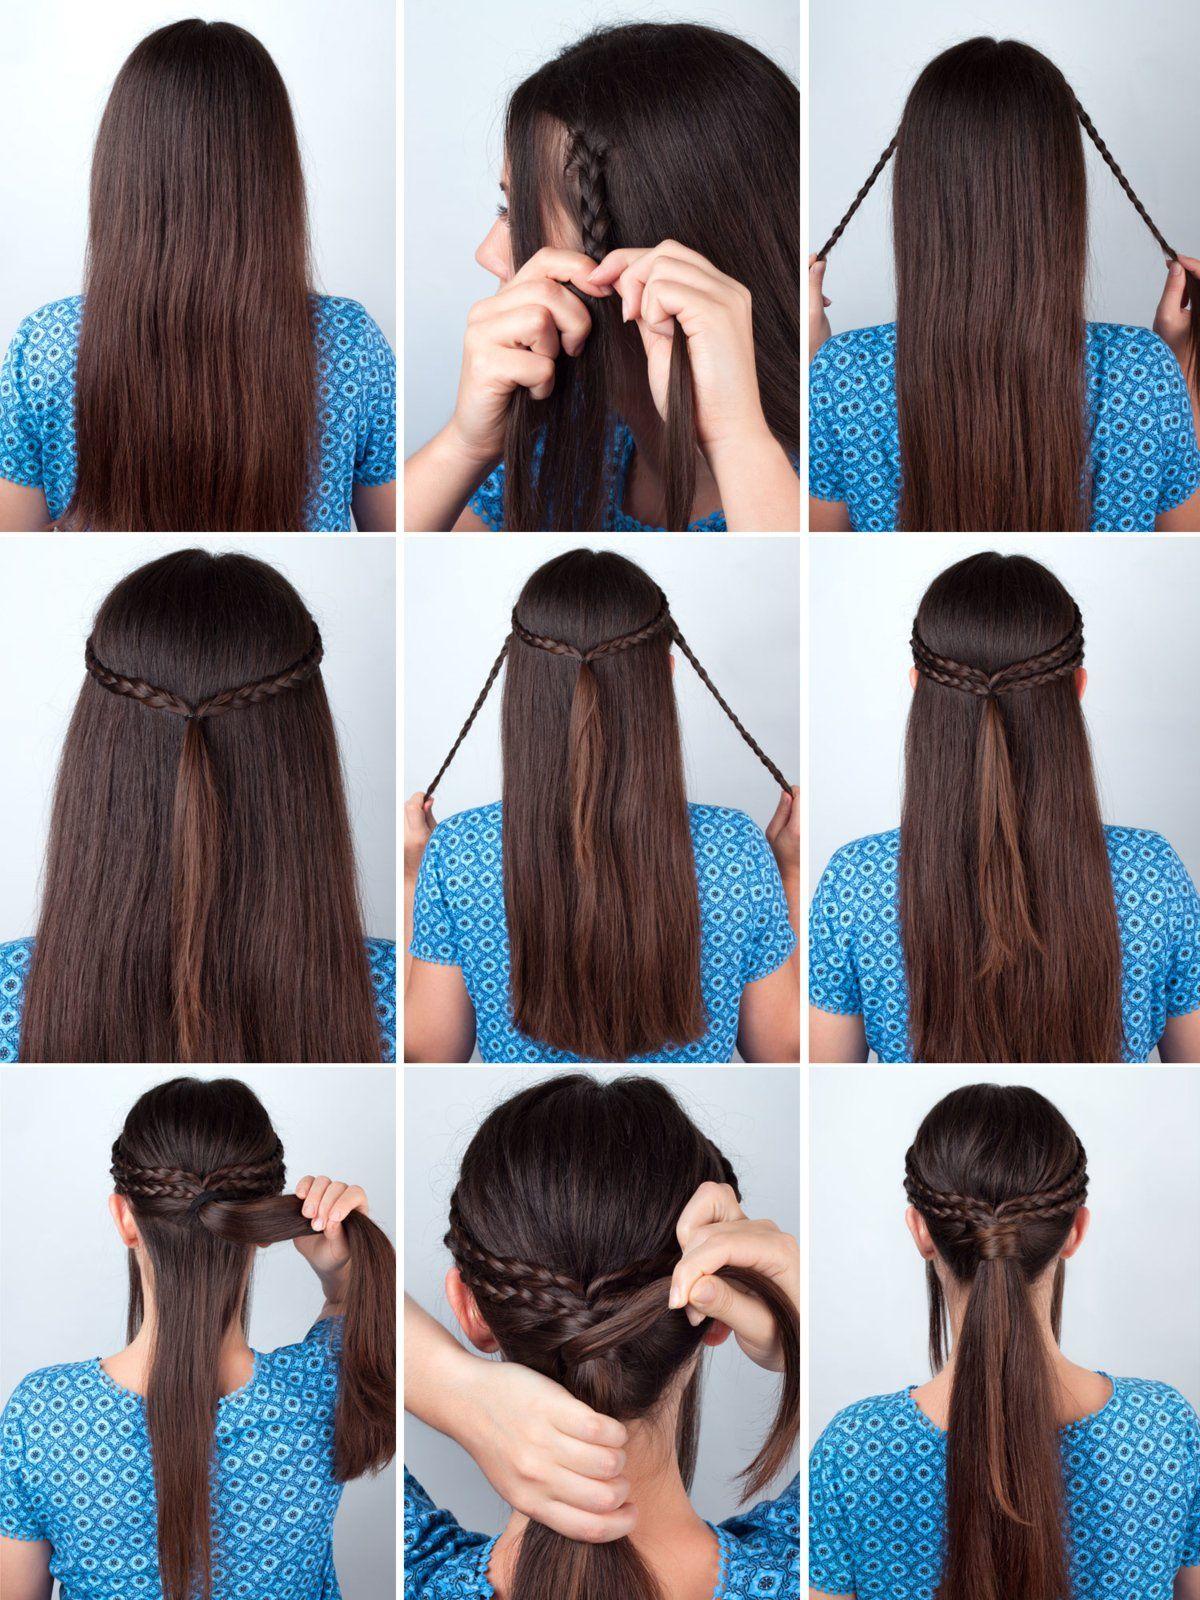 Step By Step Die 10 Schönsten Frisuren Zum Nachstylen Hair Ideas